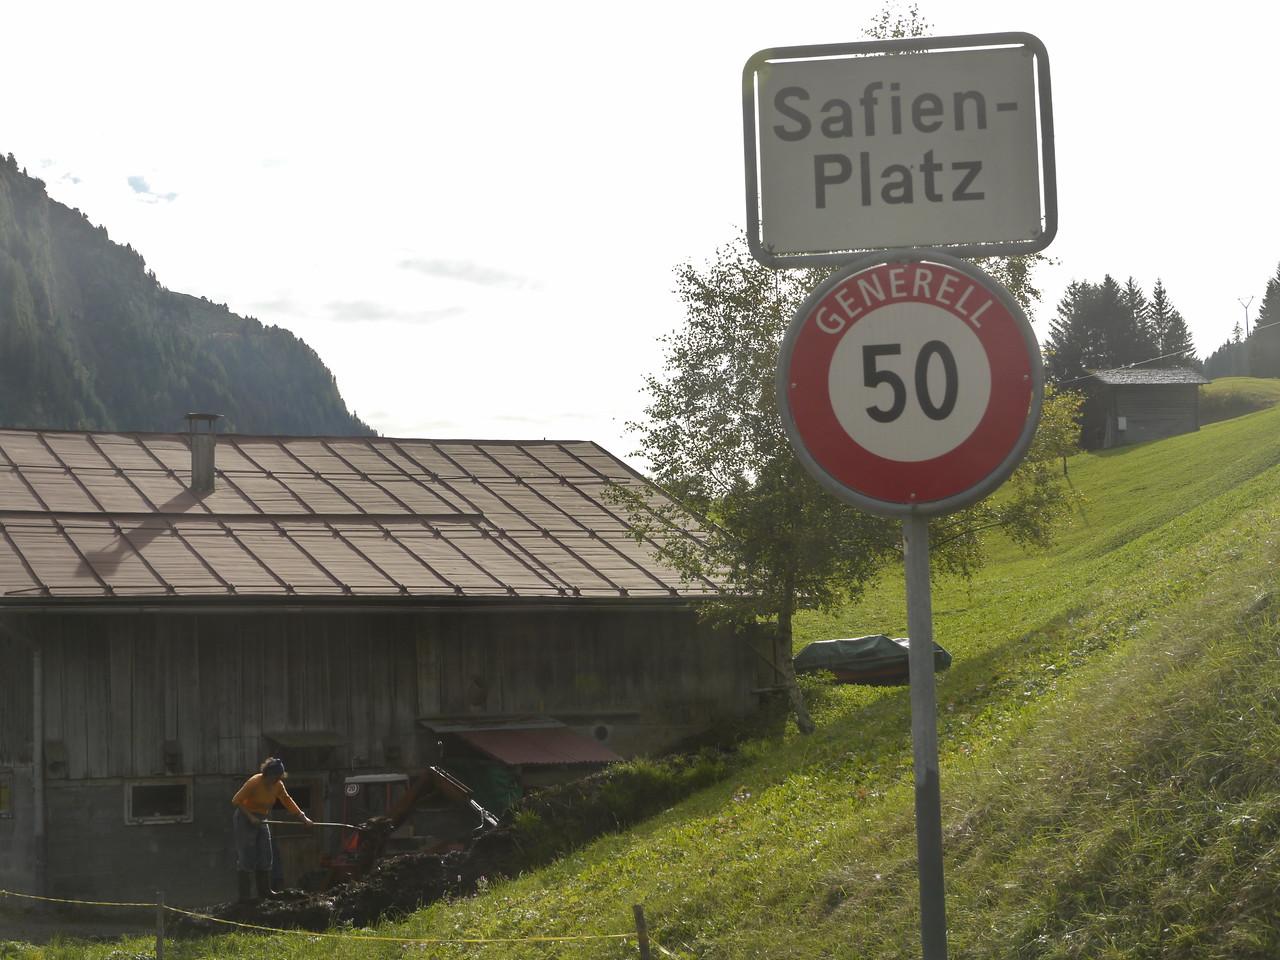 @RobAng 2013 / Safien Platz, Safien Platz, Kanton Graubünden, CHE, Schweiz, 1328 m ü/M, 2013/10/03 15:25:21